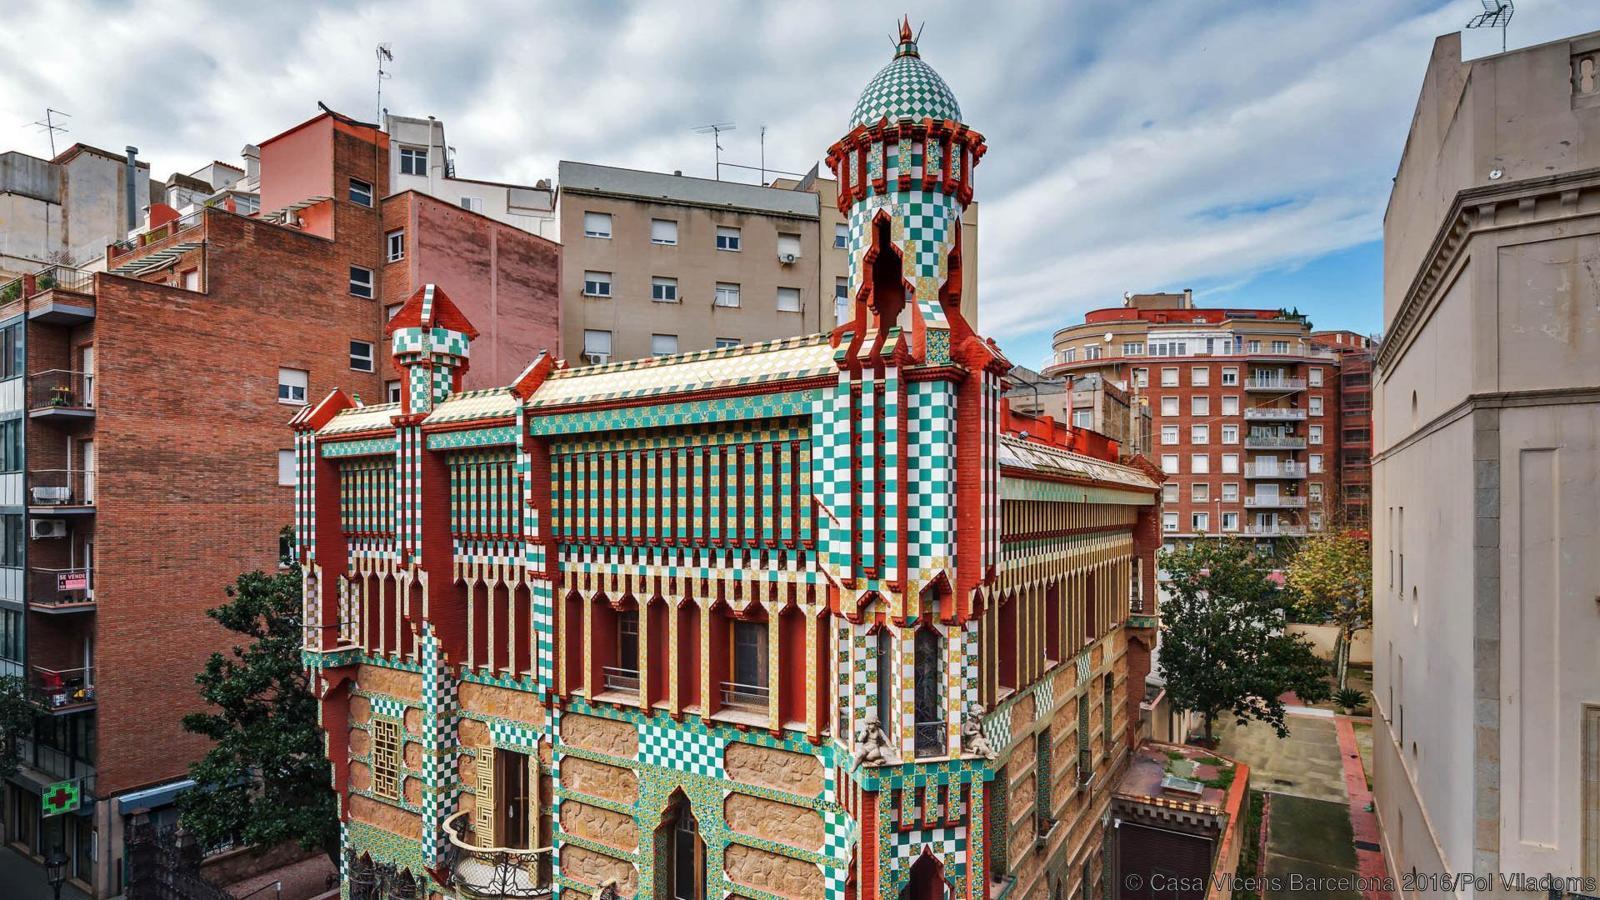 Barcellona apre casa vicens di gaud living corriere - Casas de gaudi ...